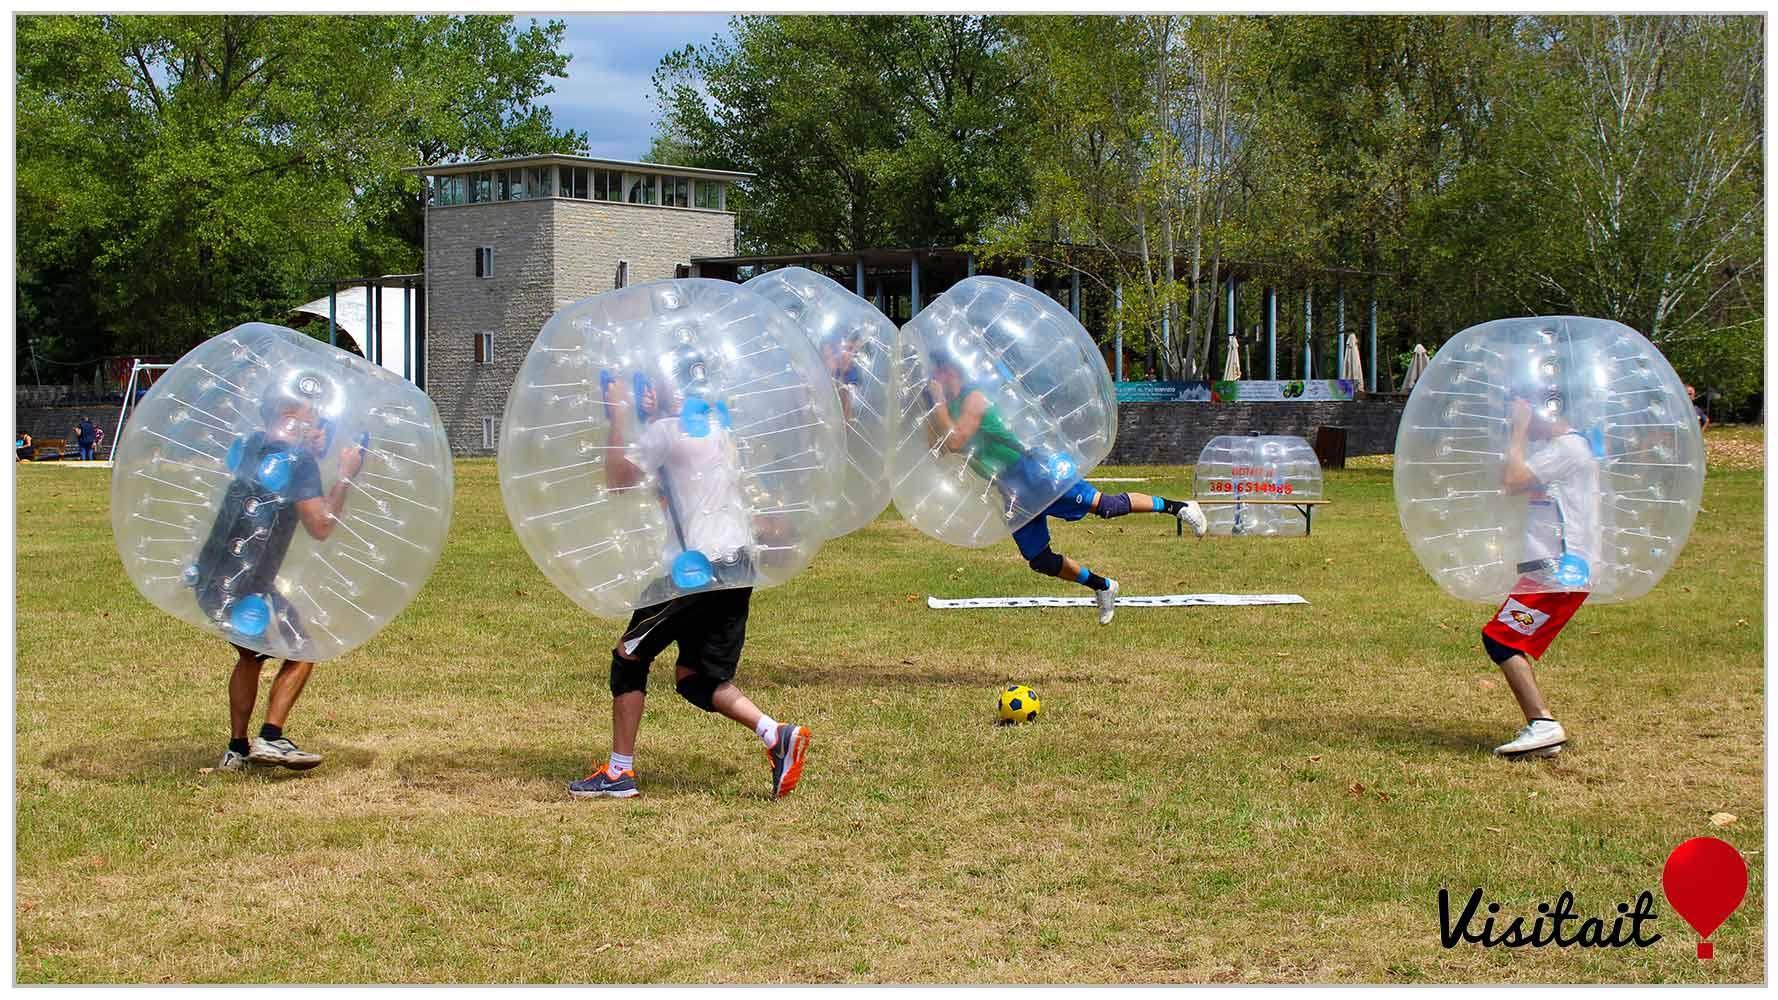 bubblefootball1 CORMOR WEEK AL PARCO DEL CORMOR, DAL 27 AL 30 AGOSTO FRA CONCERTI, FESTIVAL, SPORT E MUSICA.